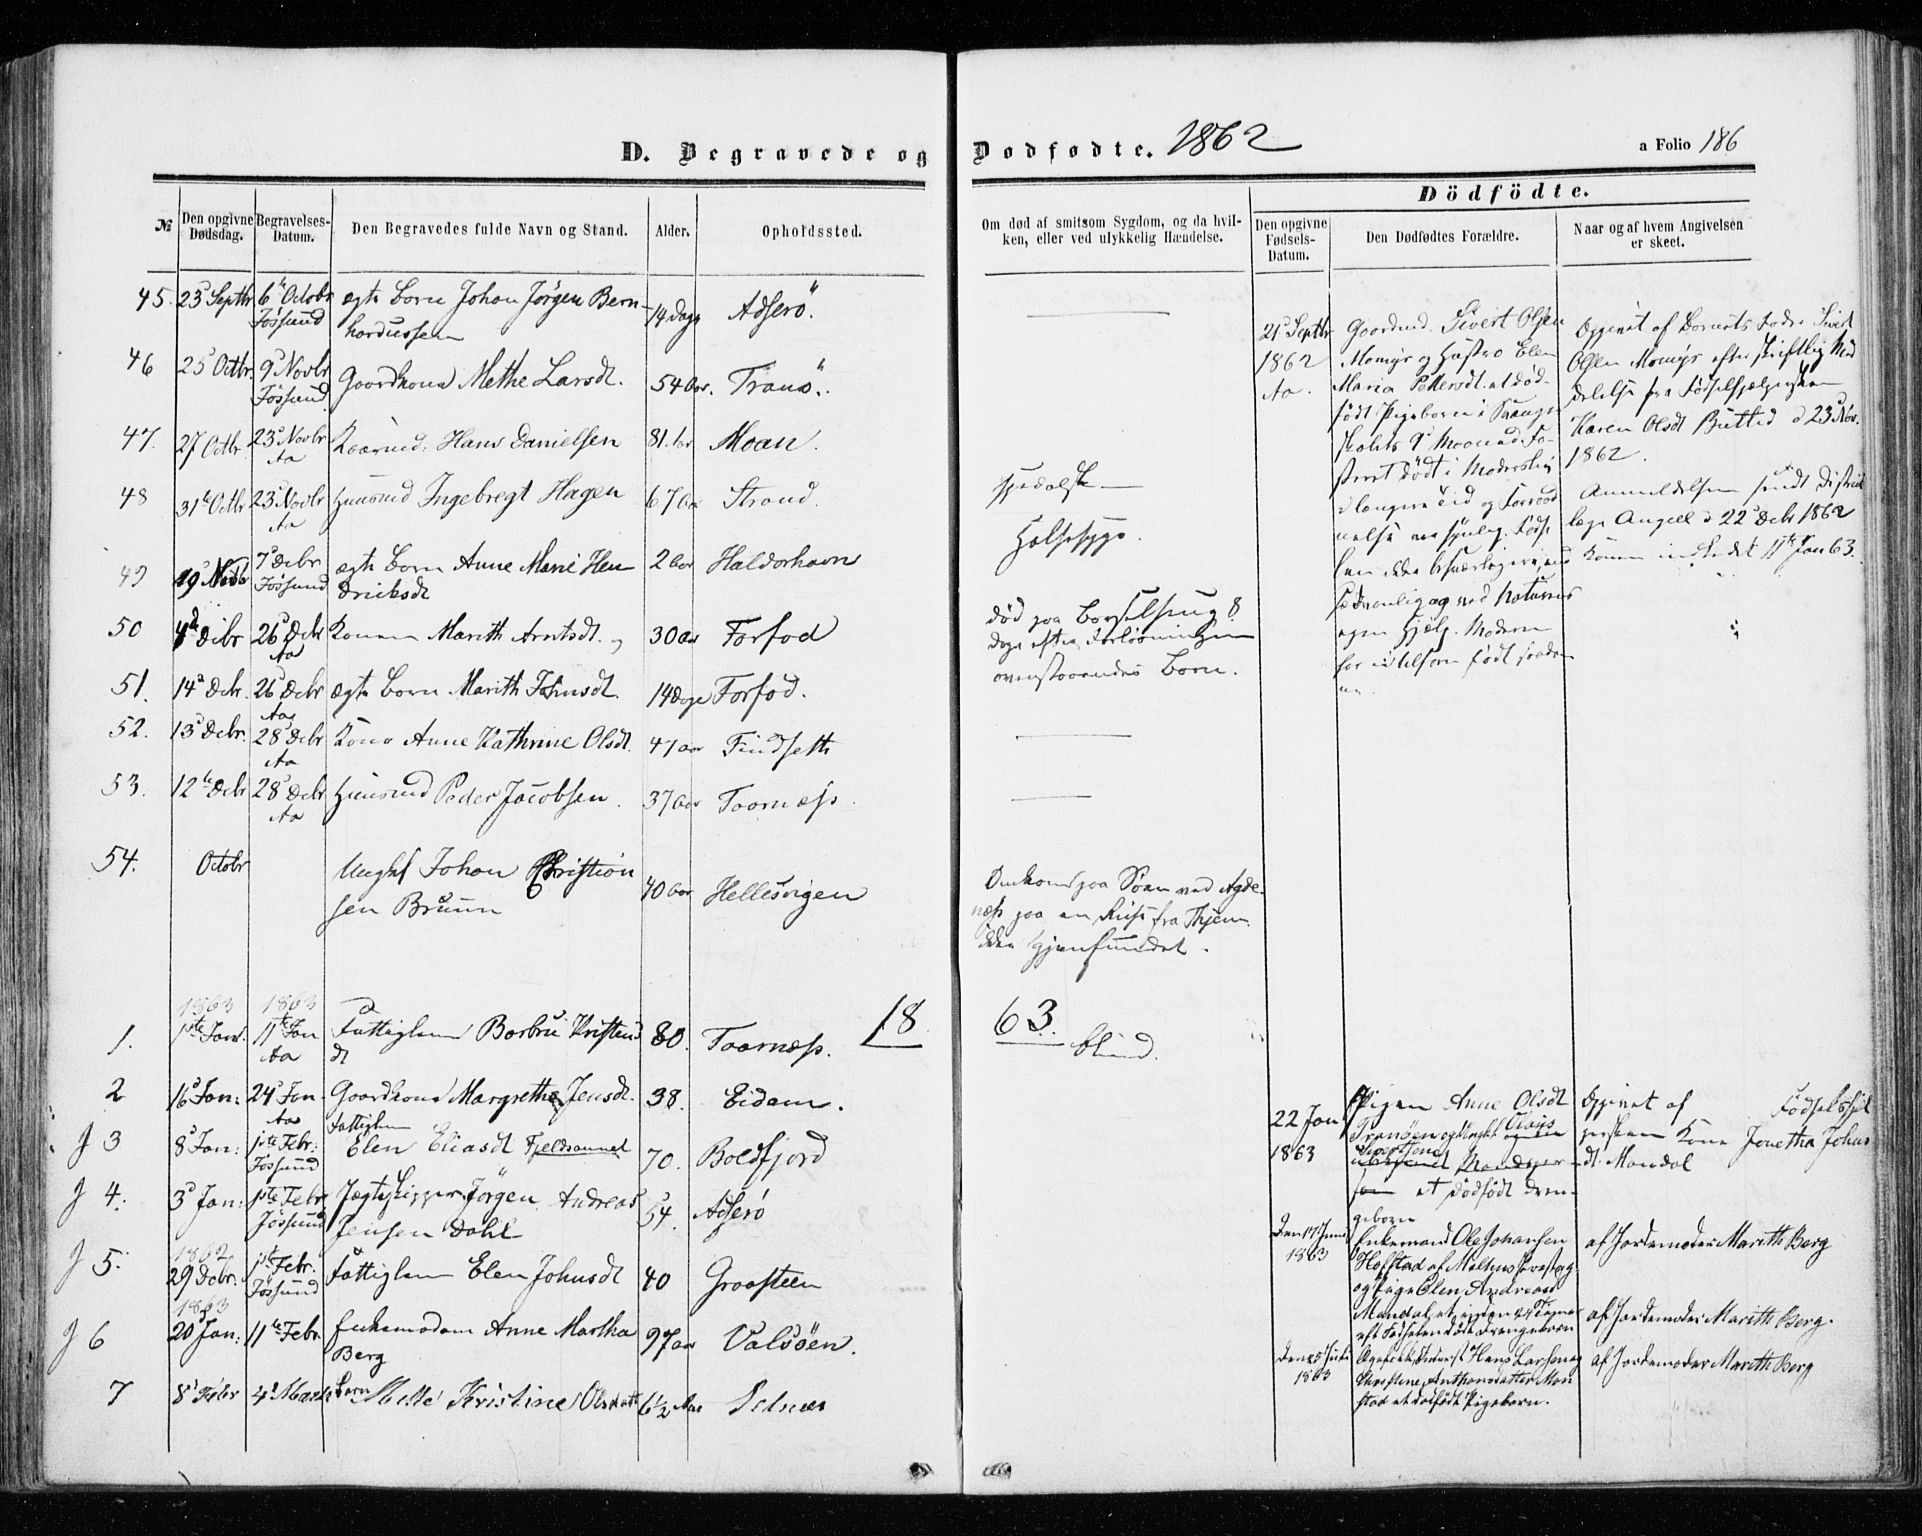 SAT, Ministerialprotokoller, klokkerbøker og fødselsregistre - Sør-Trøndelag, 655/L0678: Ministerialbok nr. 655A07, 1861-1873, s. 186